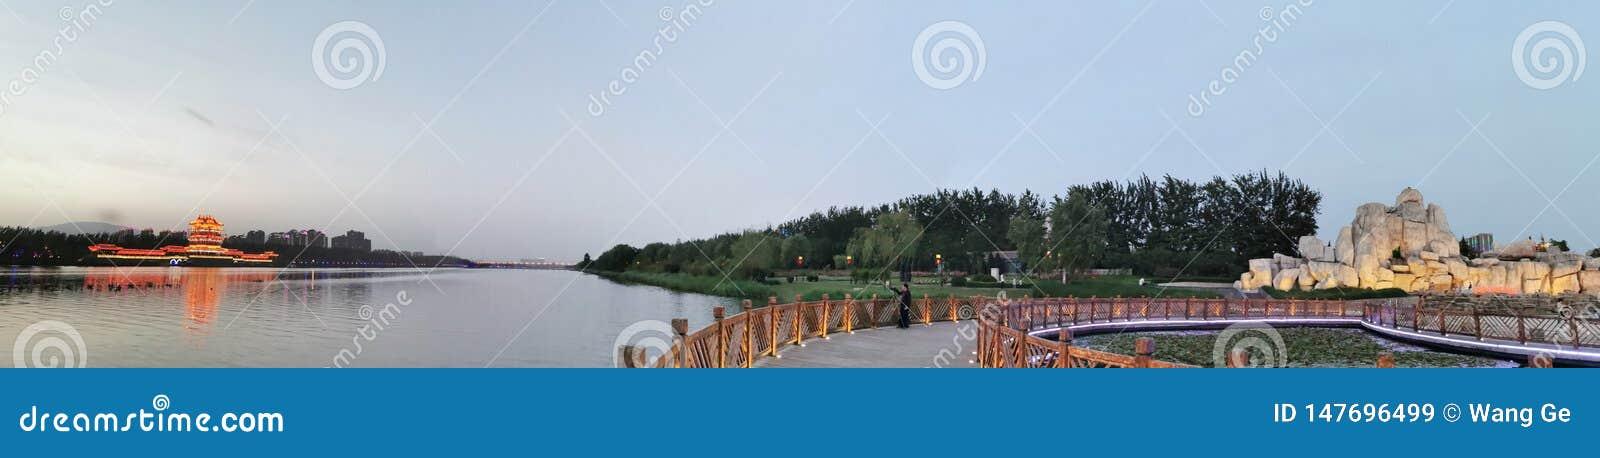 As construções antigas na distância, as madeiras, o jardim ornamental na vizinhança, o lago